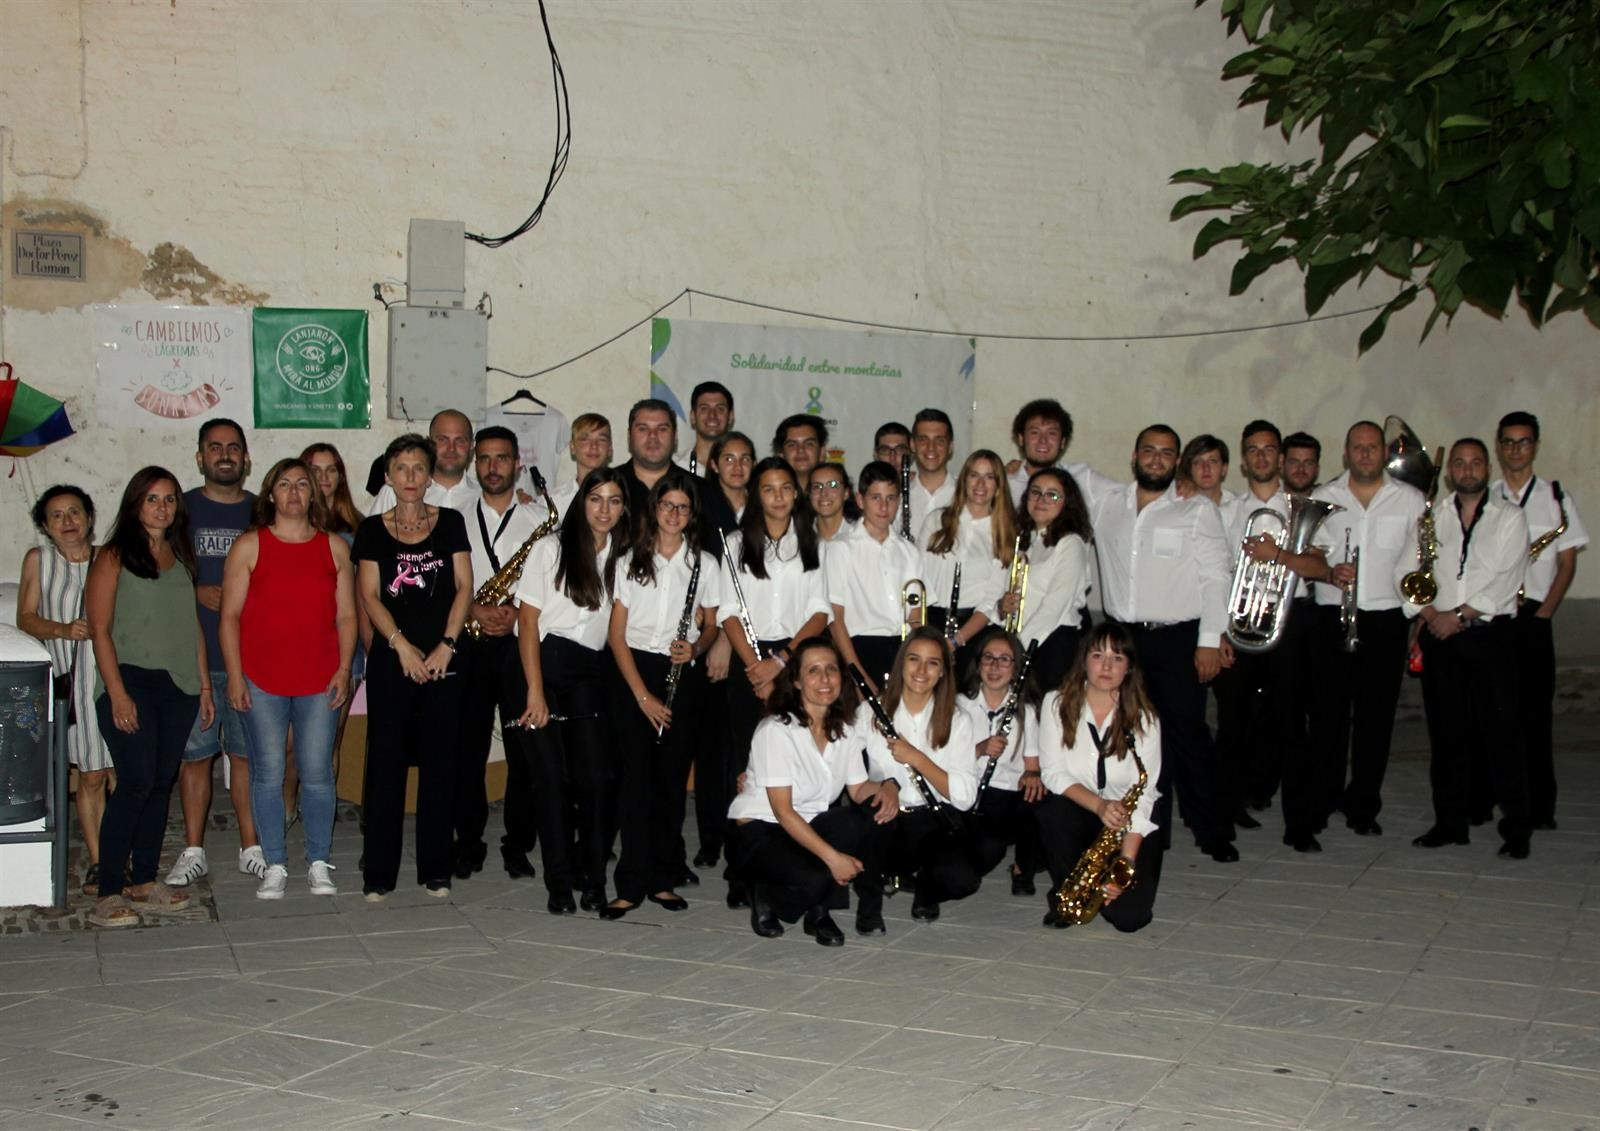 Recaudan fondos para la investigación contra el cáncer en una velada musical en Bubión